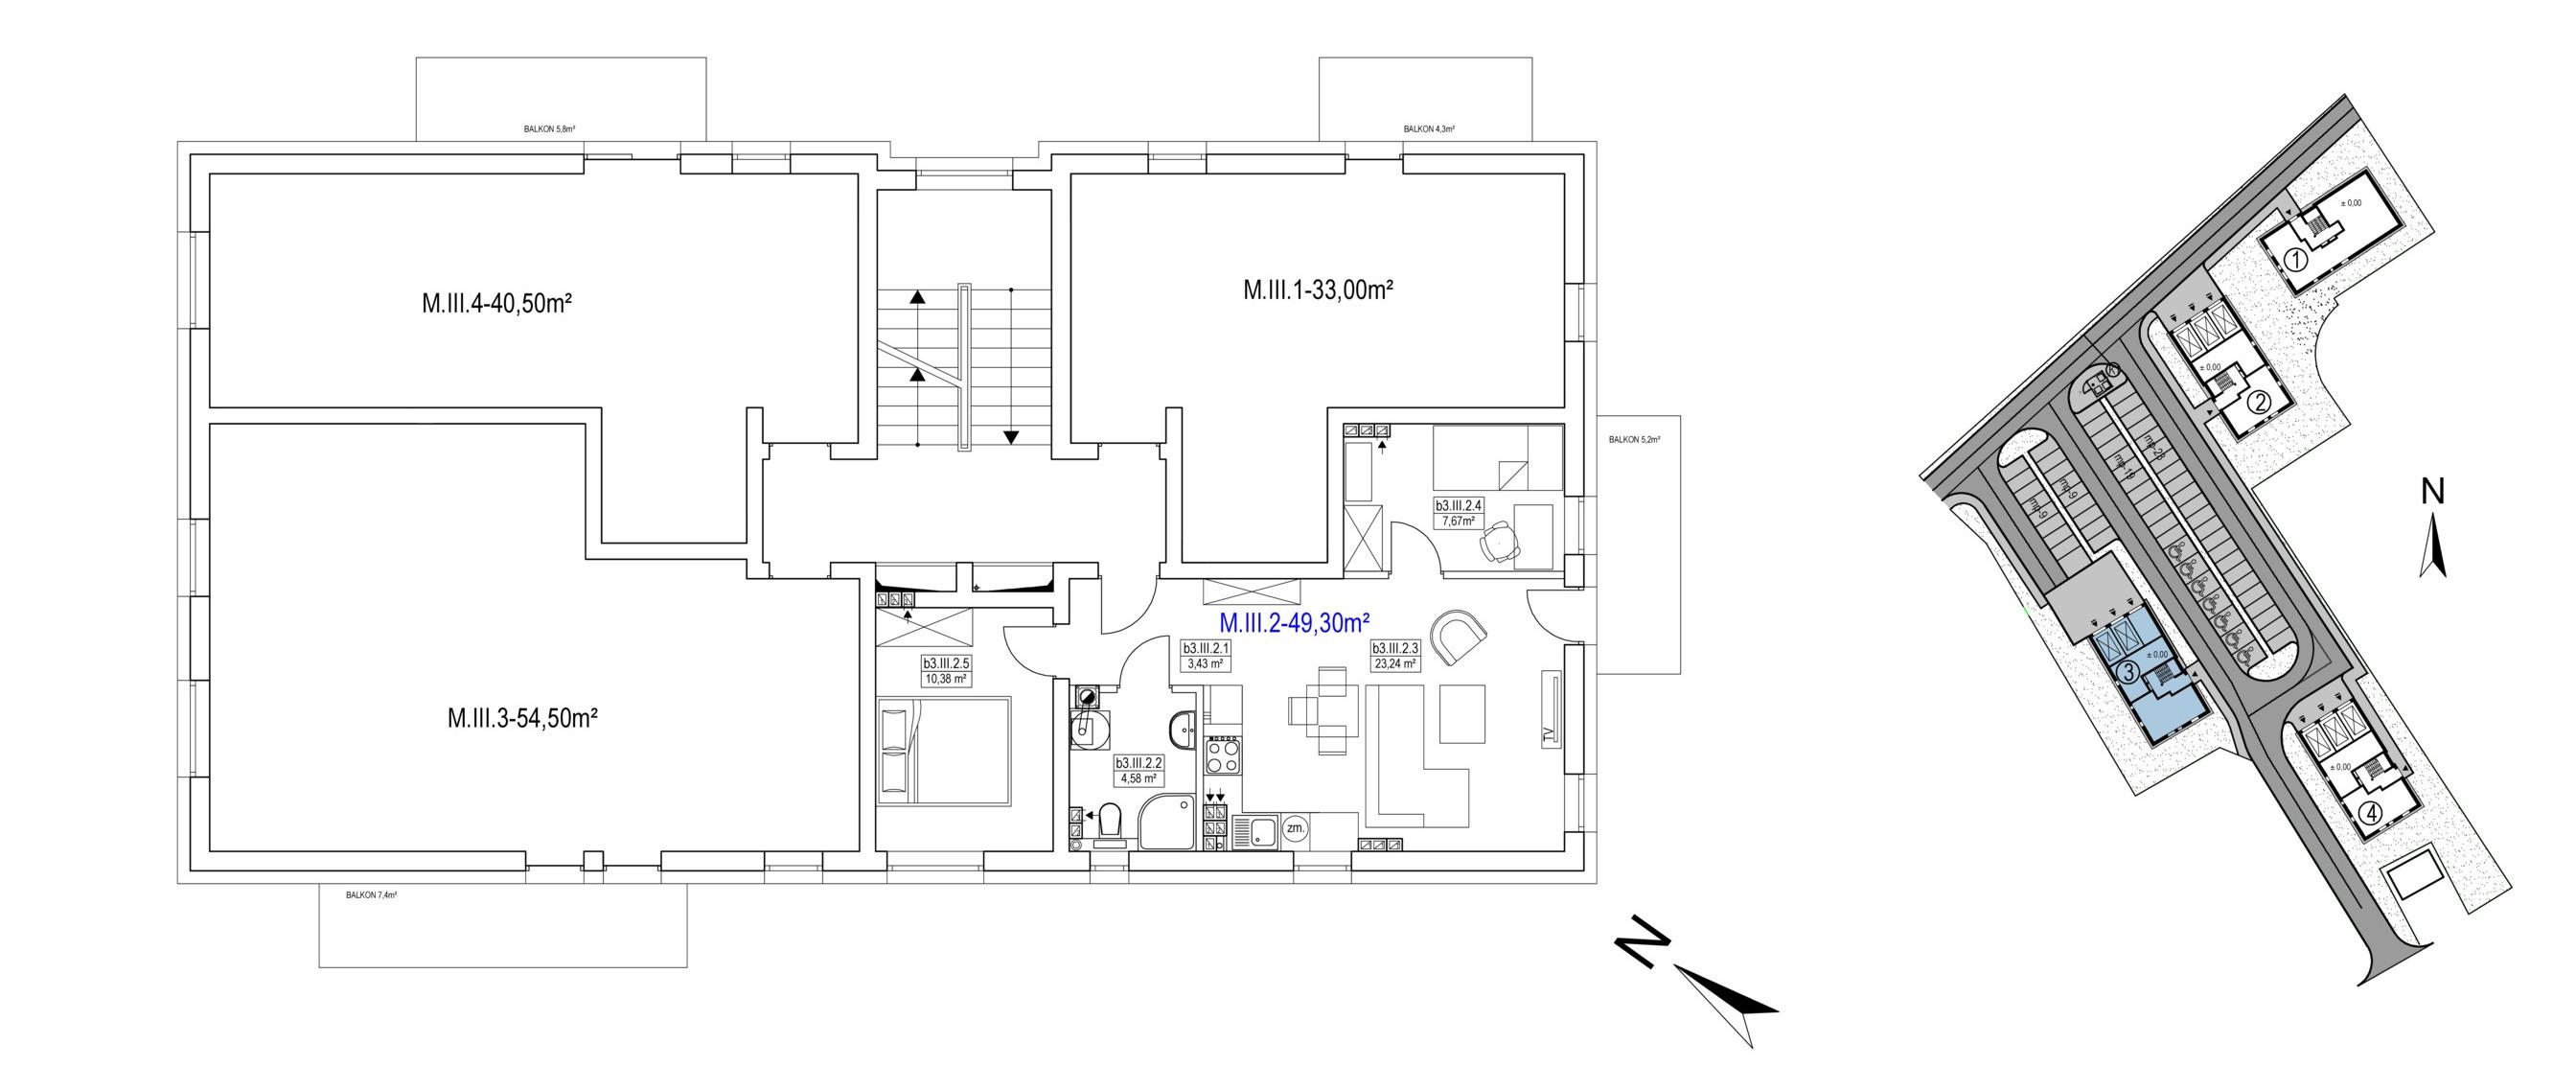 /assets/img/flats/B3.M.III.2.jpg